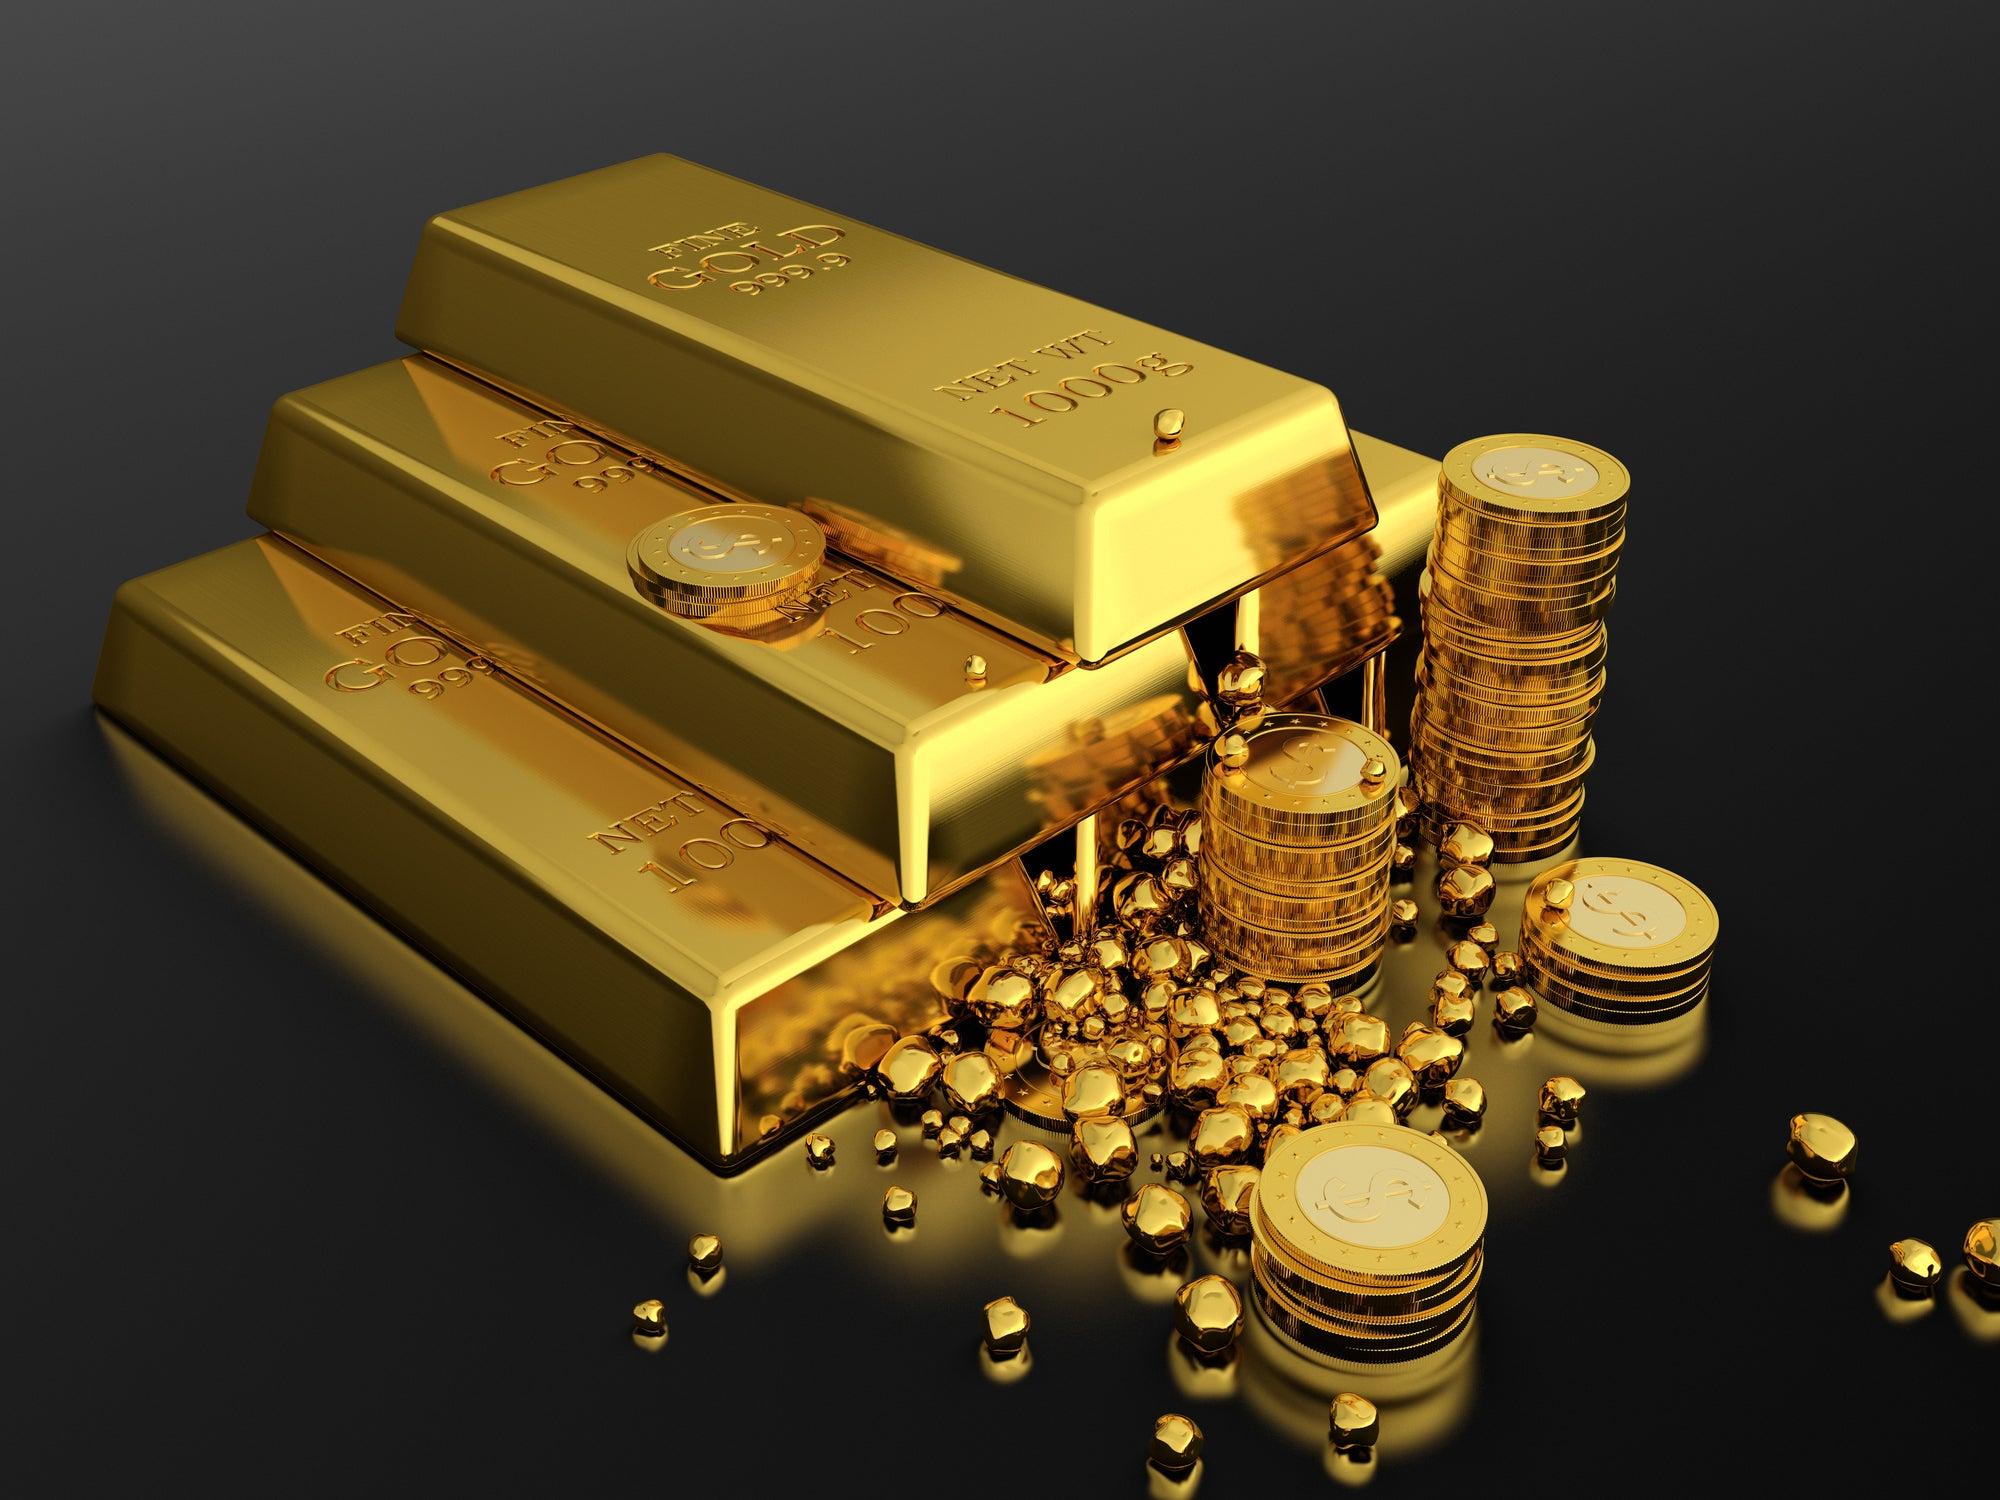 Tin tức giá vàng mới nhất hôm nay 23/2: Nhảy vọt vượt ngưỡng 46 triệu đồng/ lượng 1